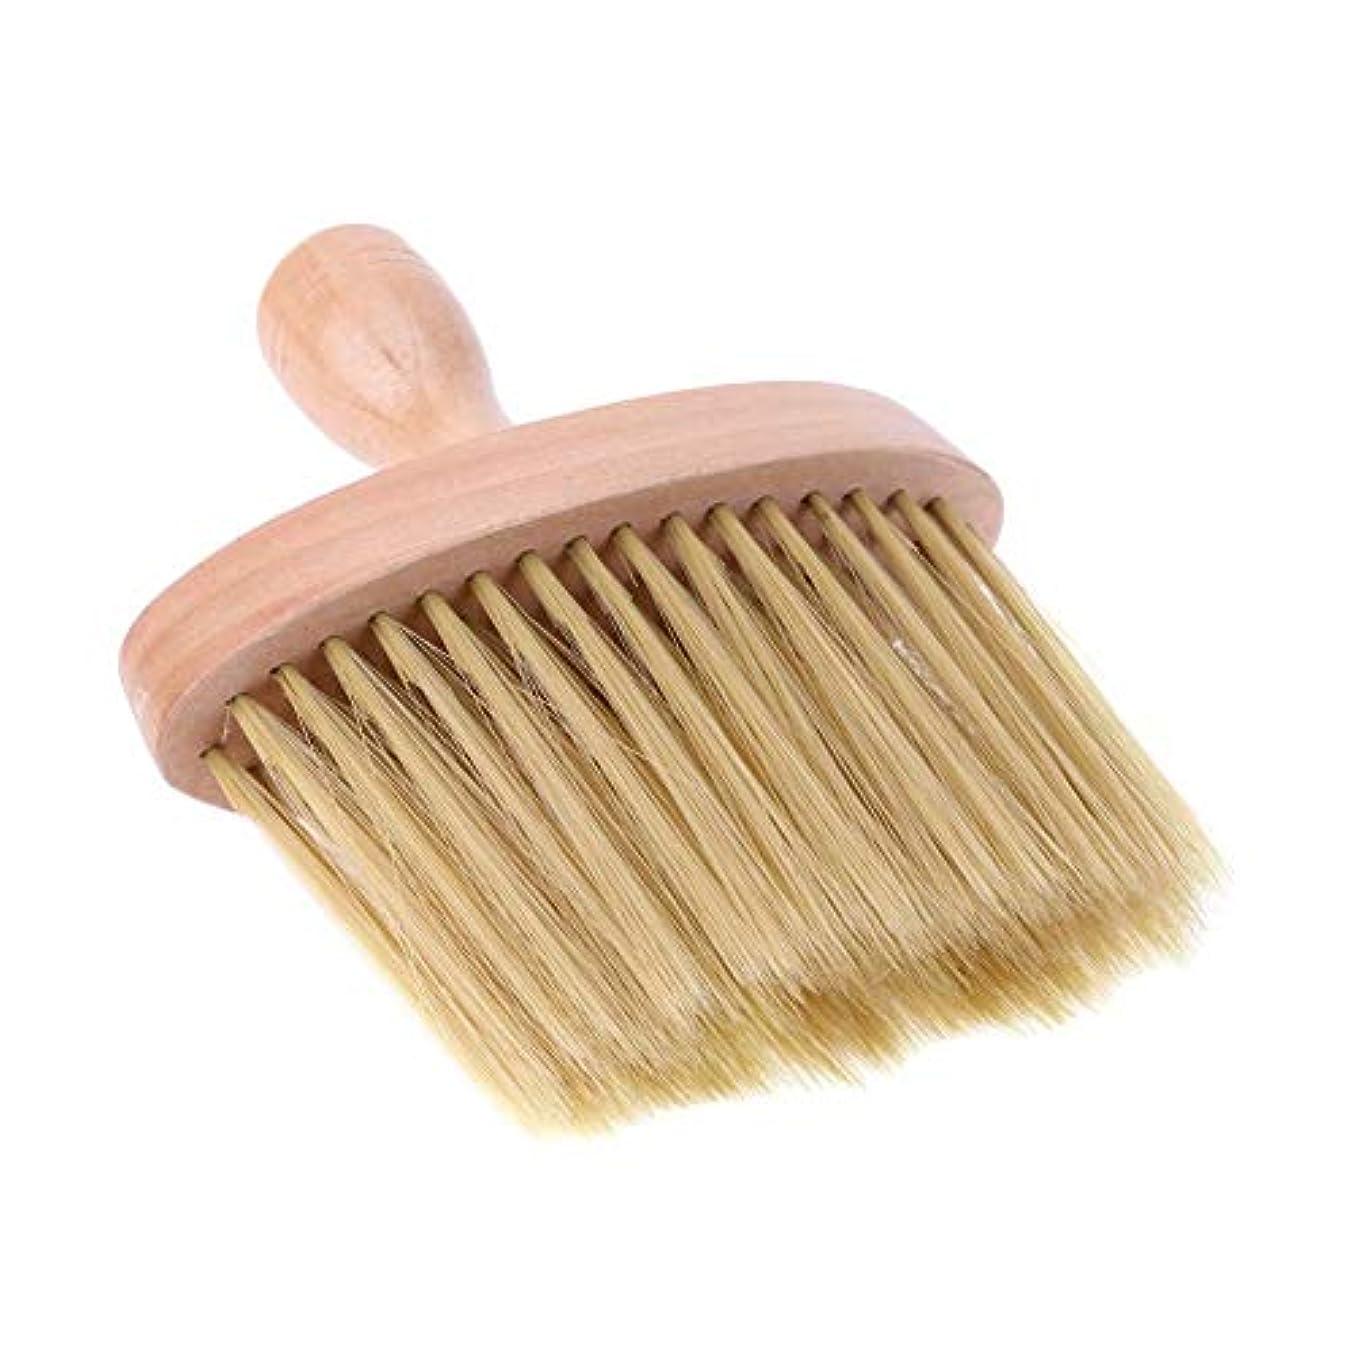 庭園しなければならない敬なPowlance ブラシ ファンデーション 化粧品 収納 コスメ 化粧ブラシ